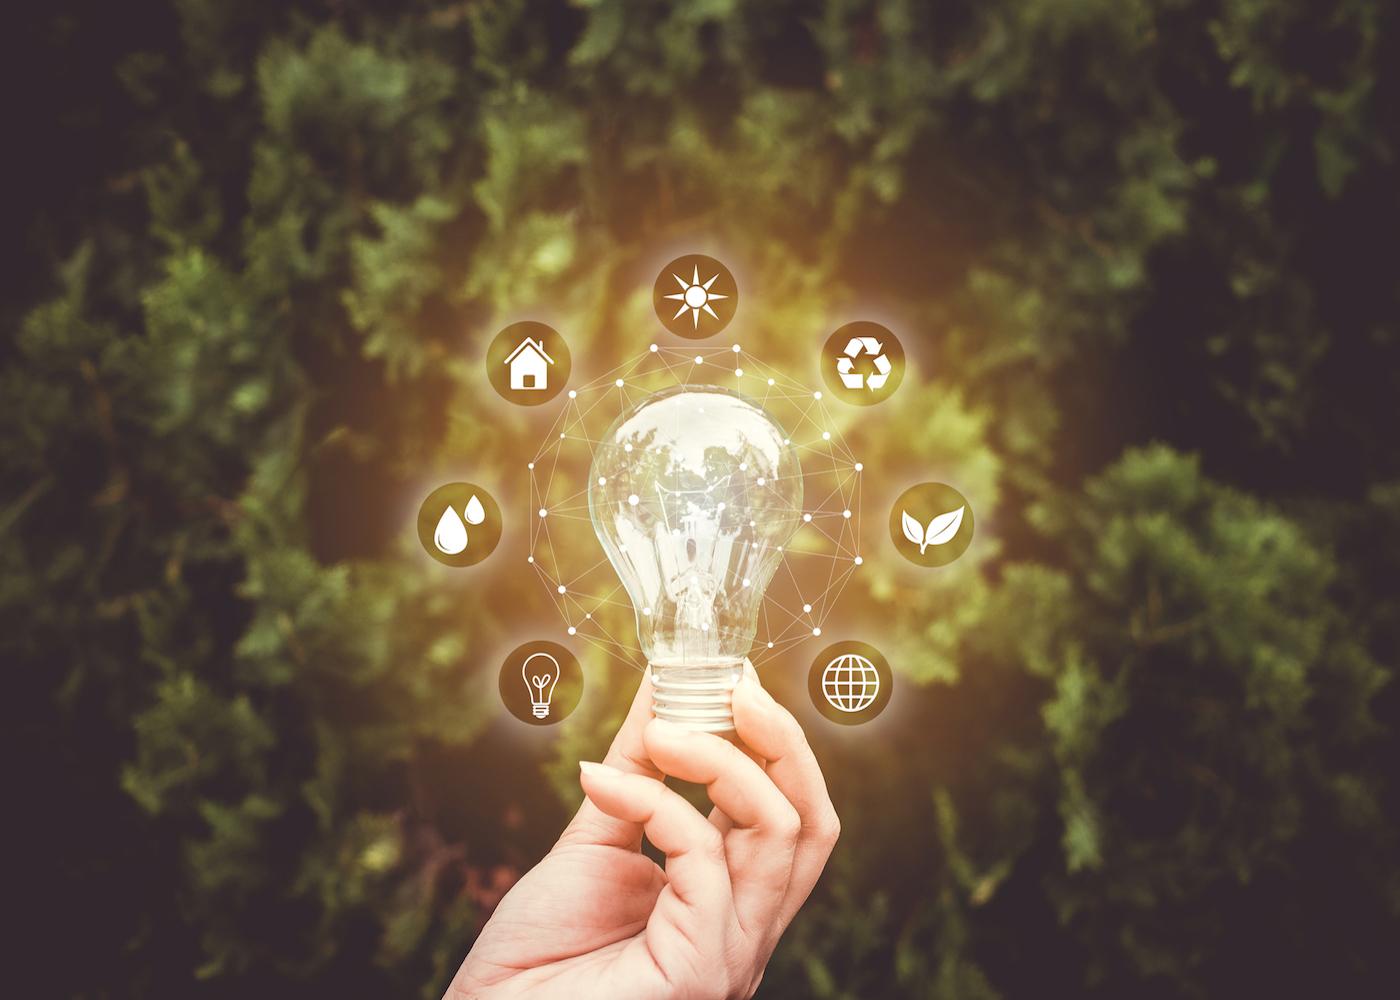 uma mão a segurar uma lâmpada com ícones de energia sustentável à volta